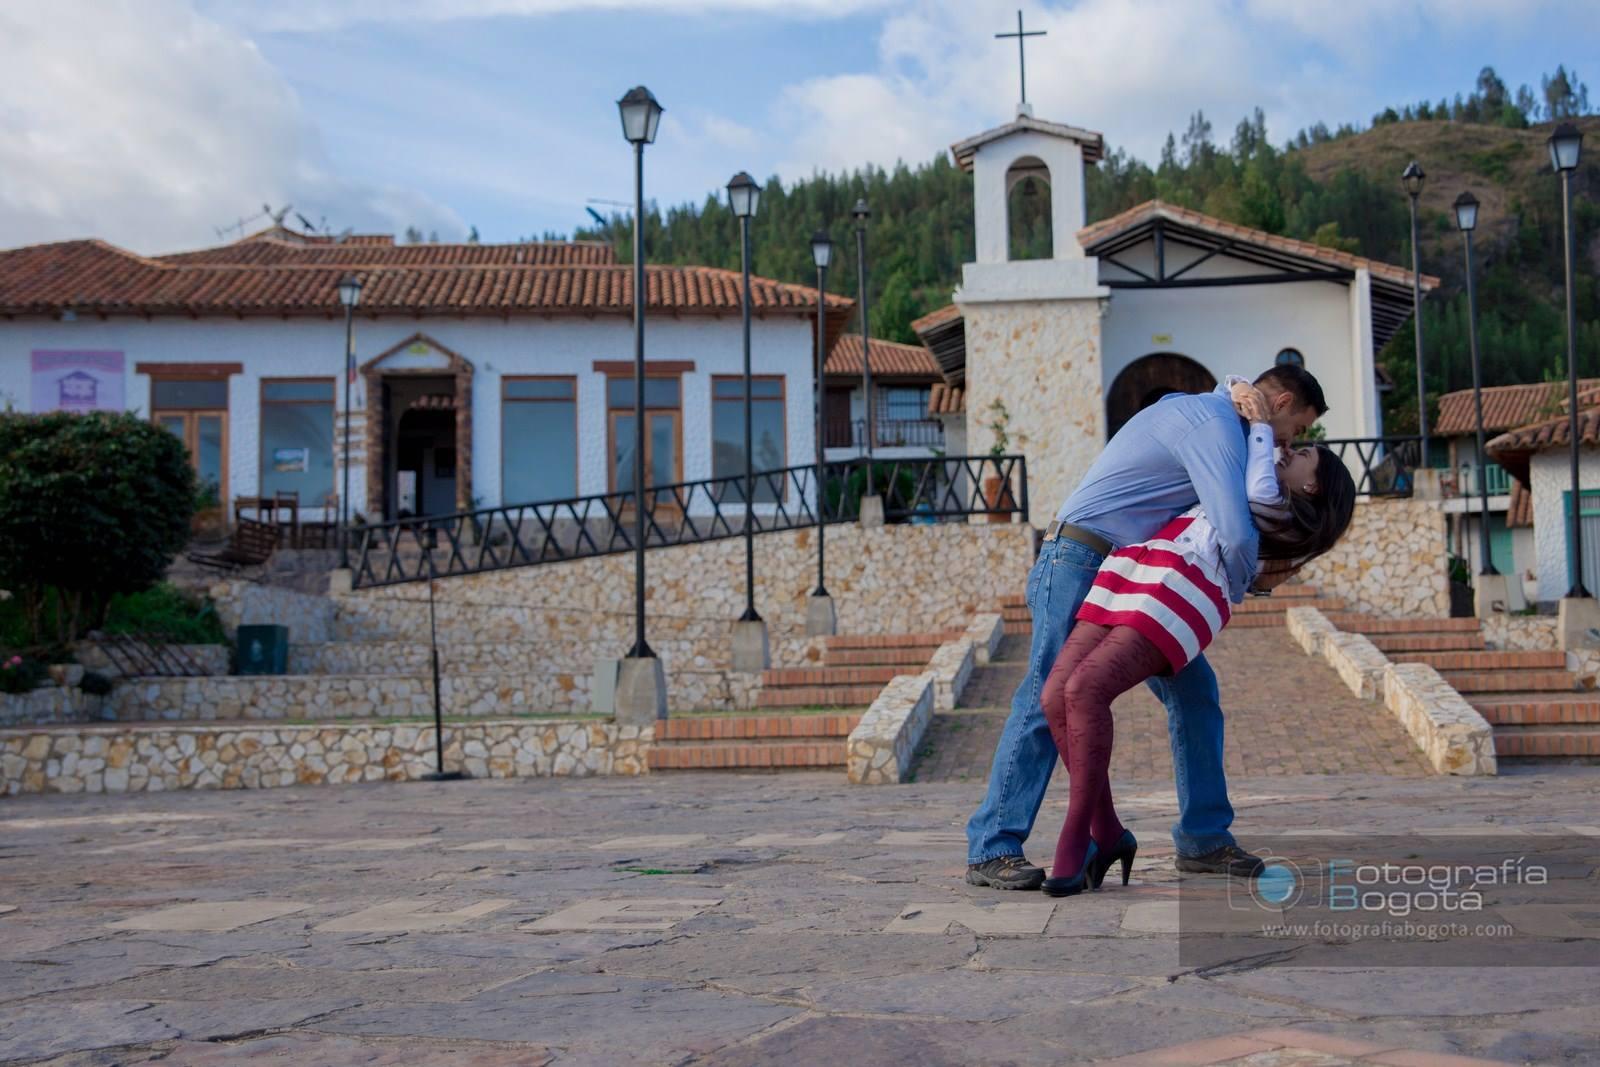 sesion-de-fotos-pueblito-boyacense-fotografias-de-parejas-romanticas-beso-romantico